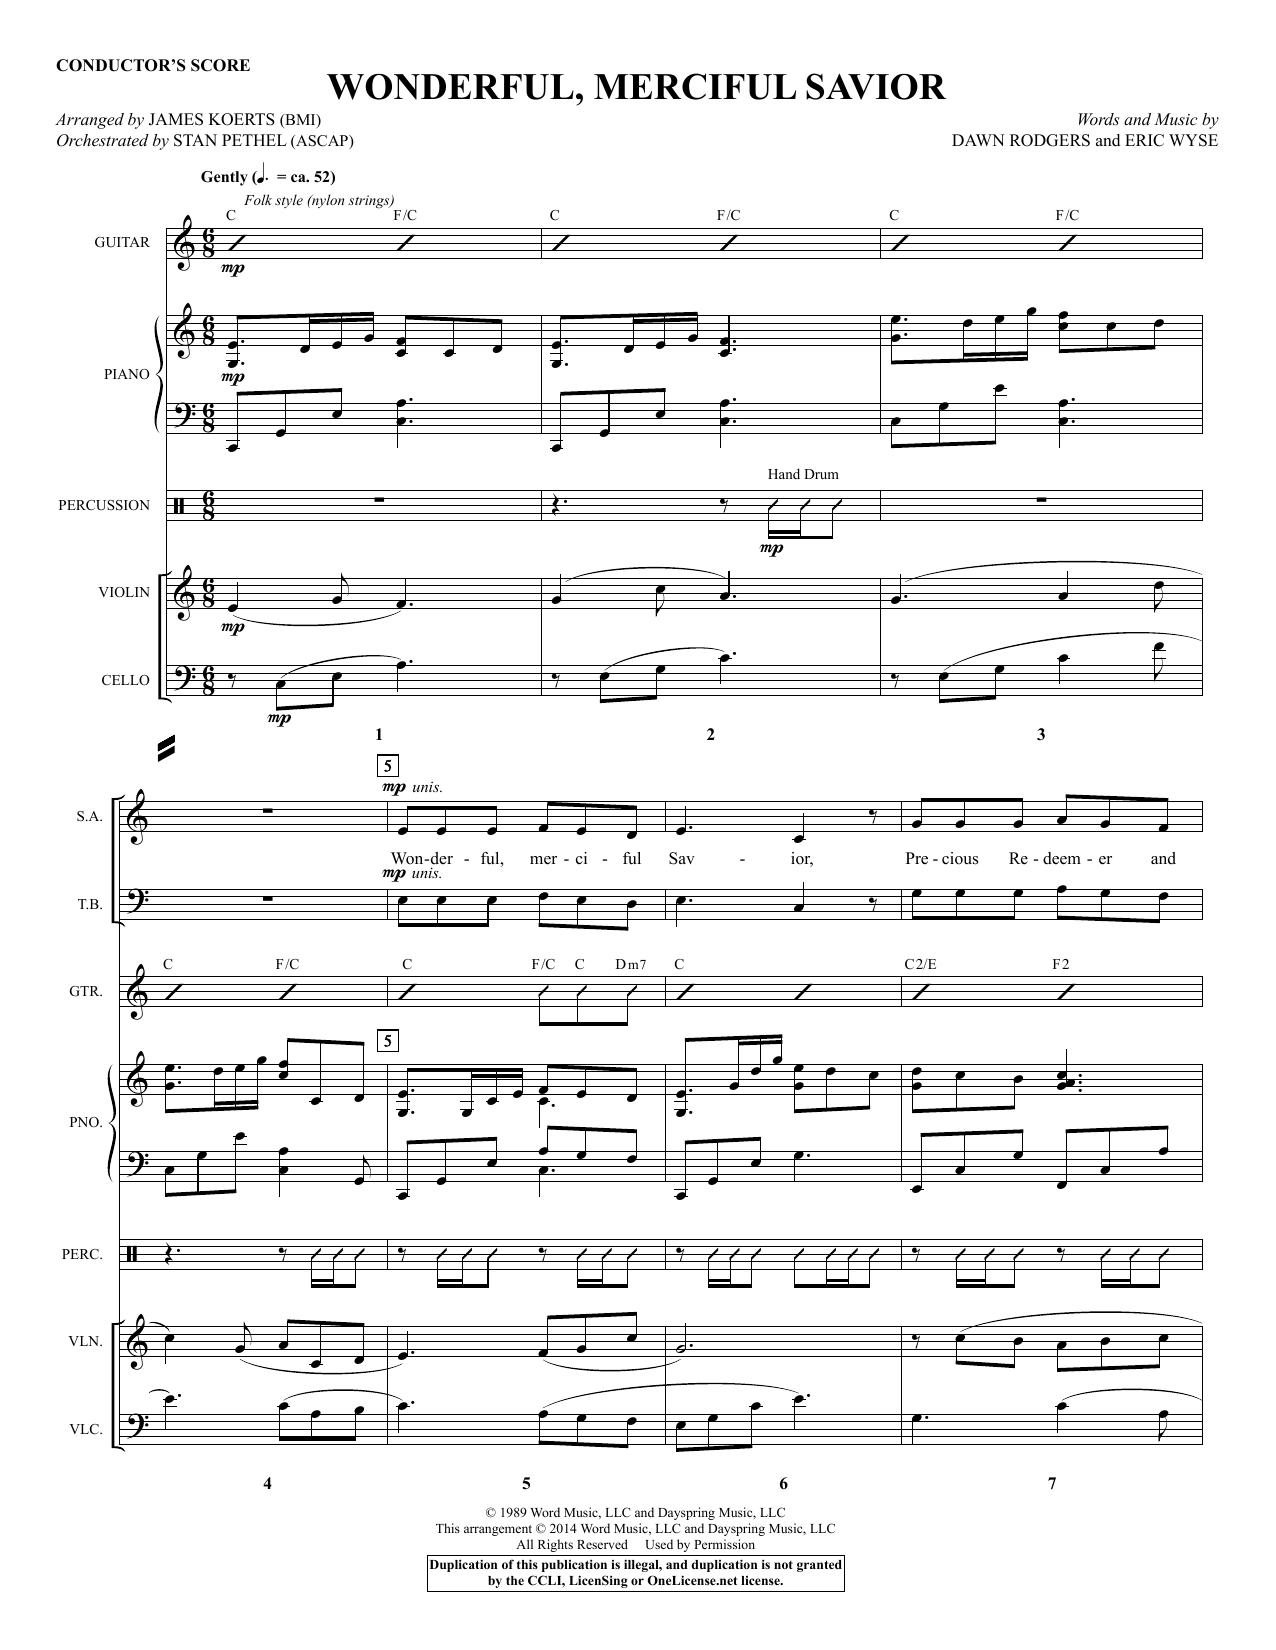 James Koerts Wonderful, Merciful Savior - Score sheet music notes and chords. Download Printable PDF.